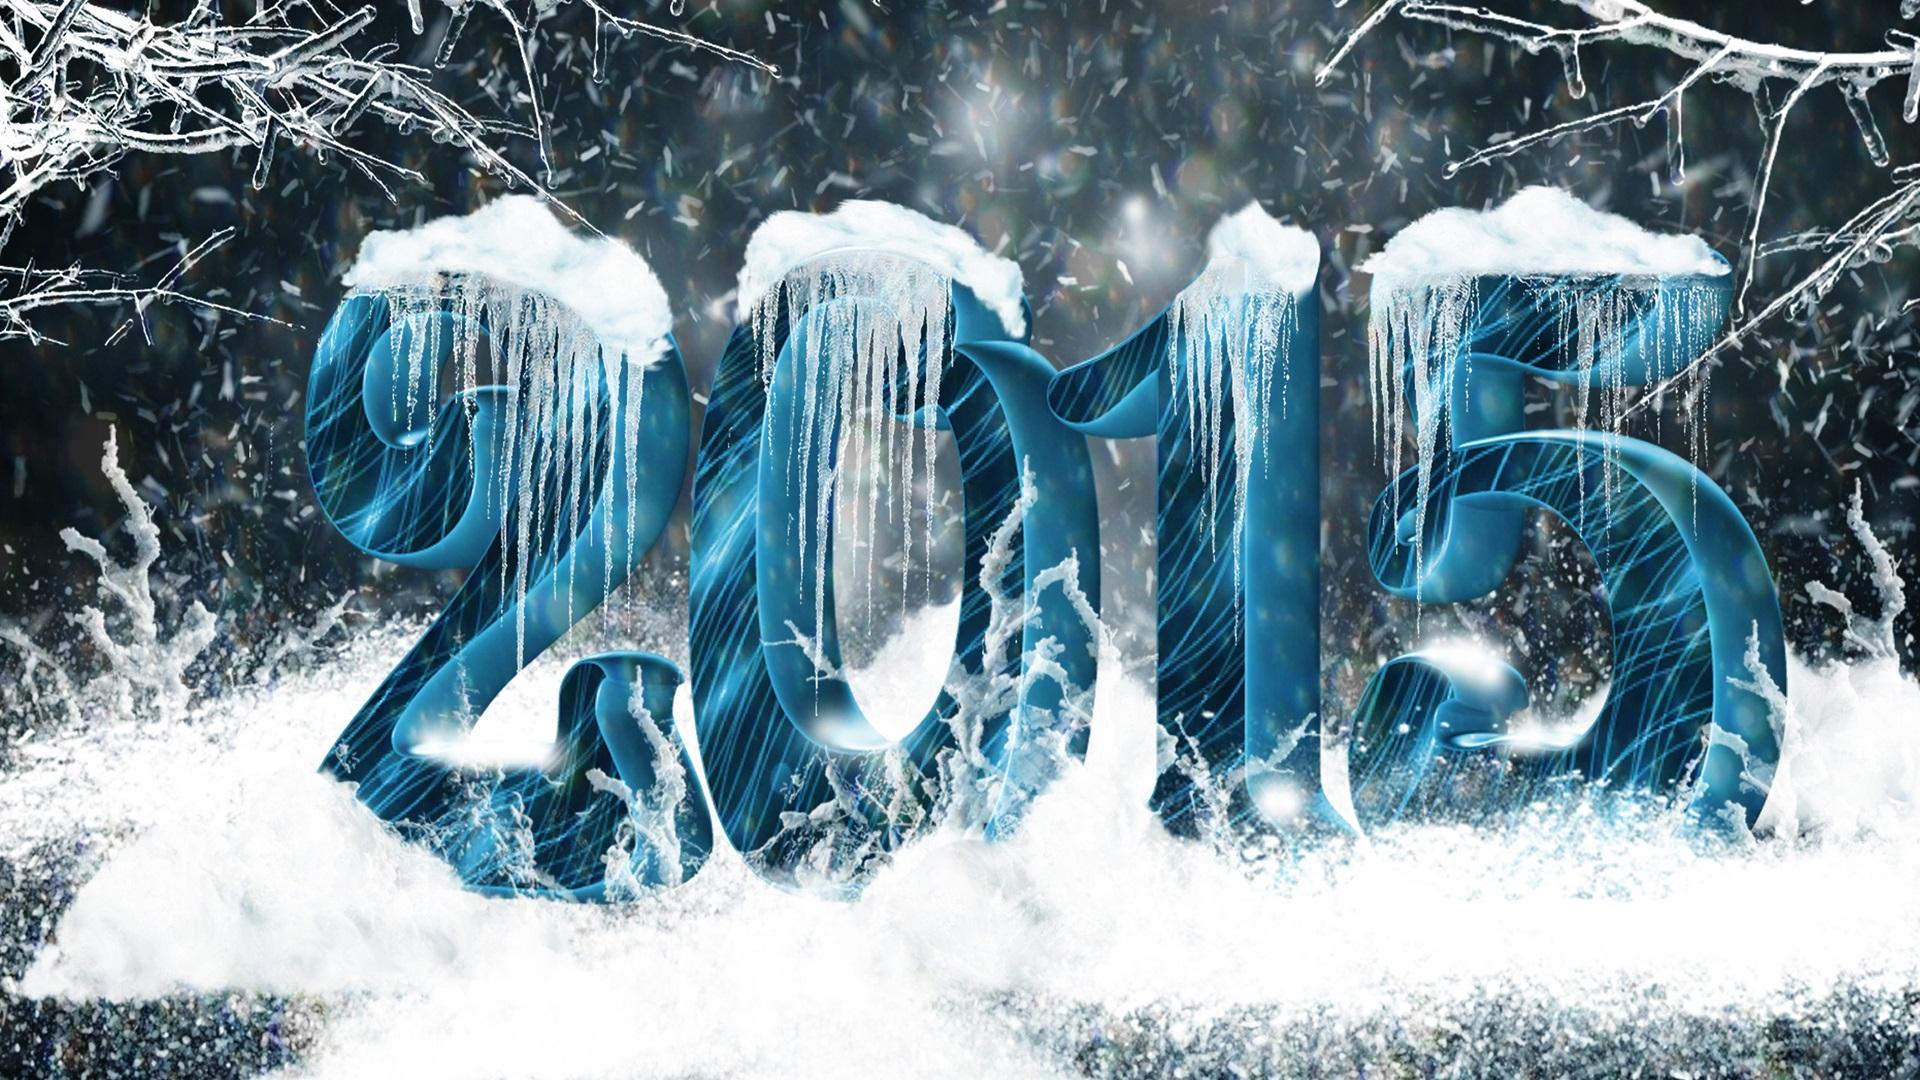 > 喜迎2015新春羊年大吉桌面壁纸系列图片